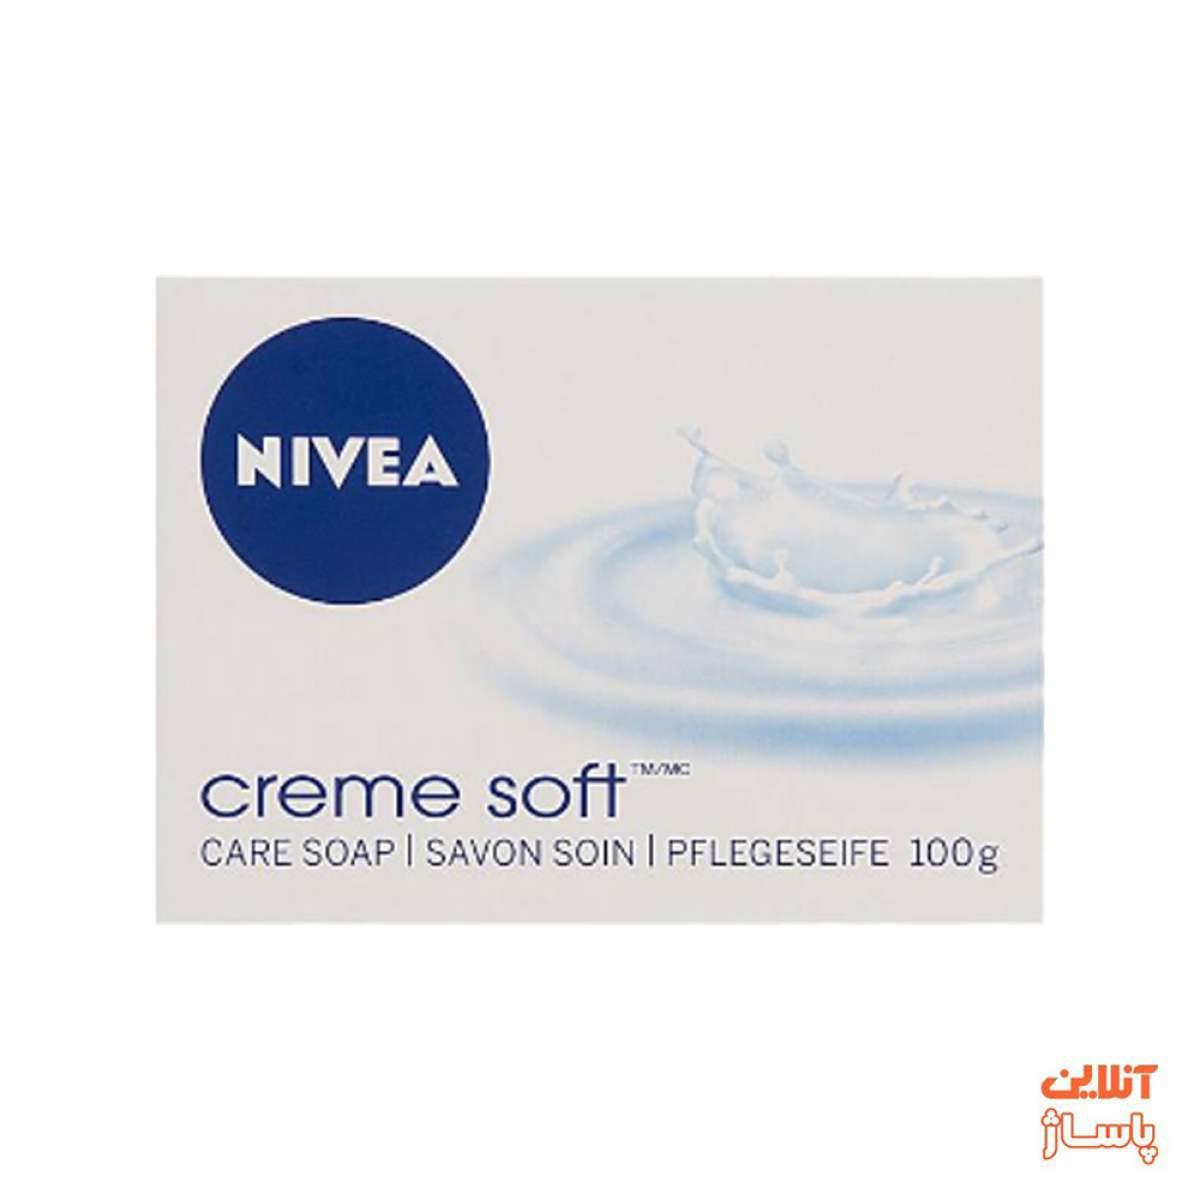 صابون زیبایی نیوآ مدل Cream Soft مقدار 100 گرم